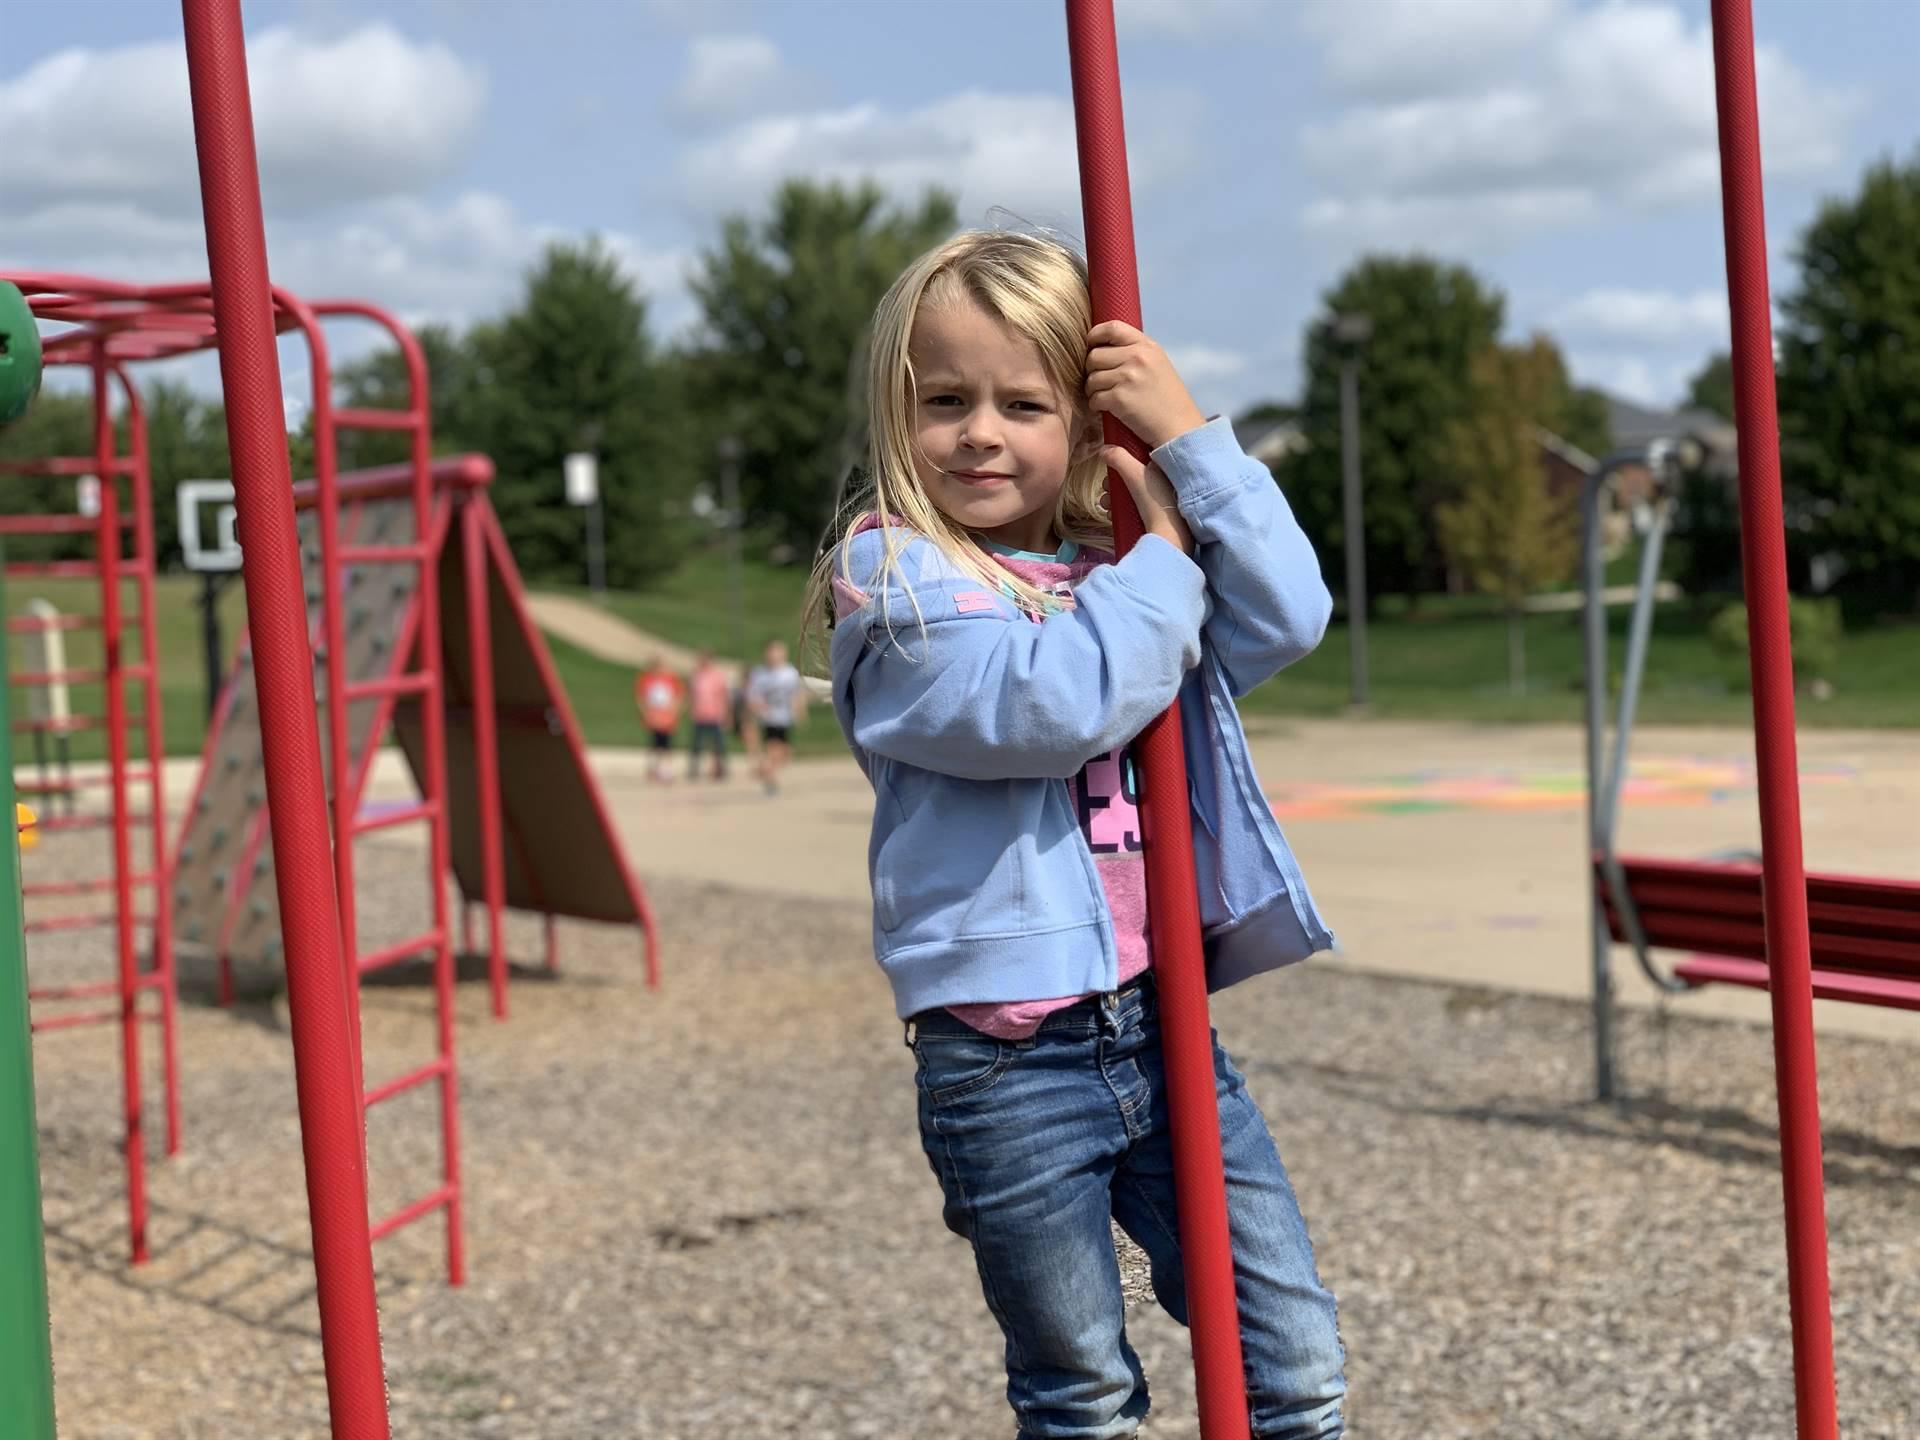 1st Grader on playground